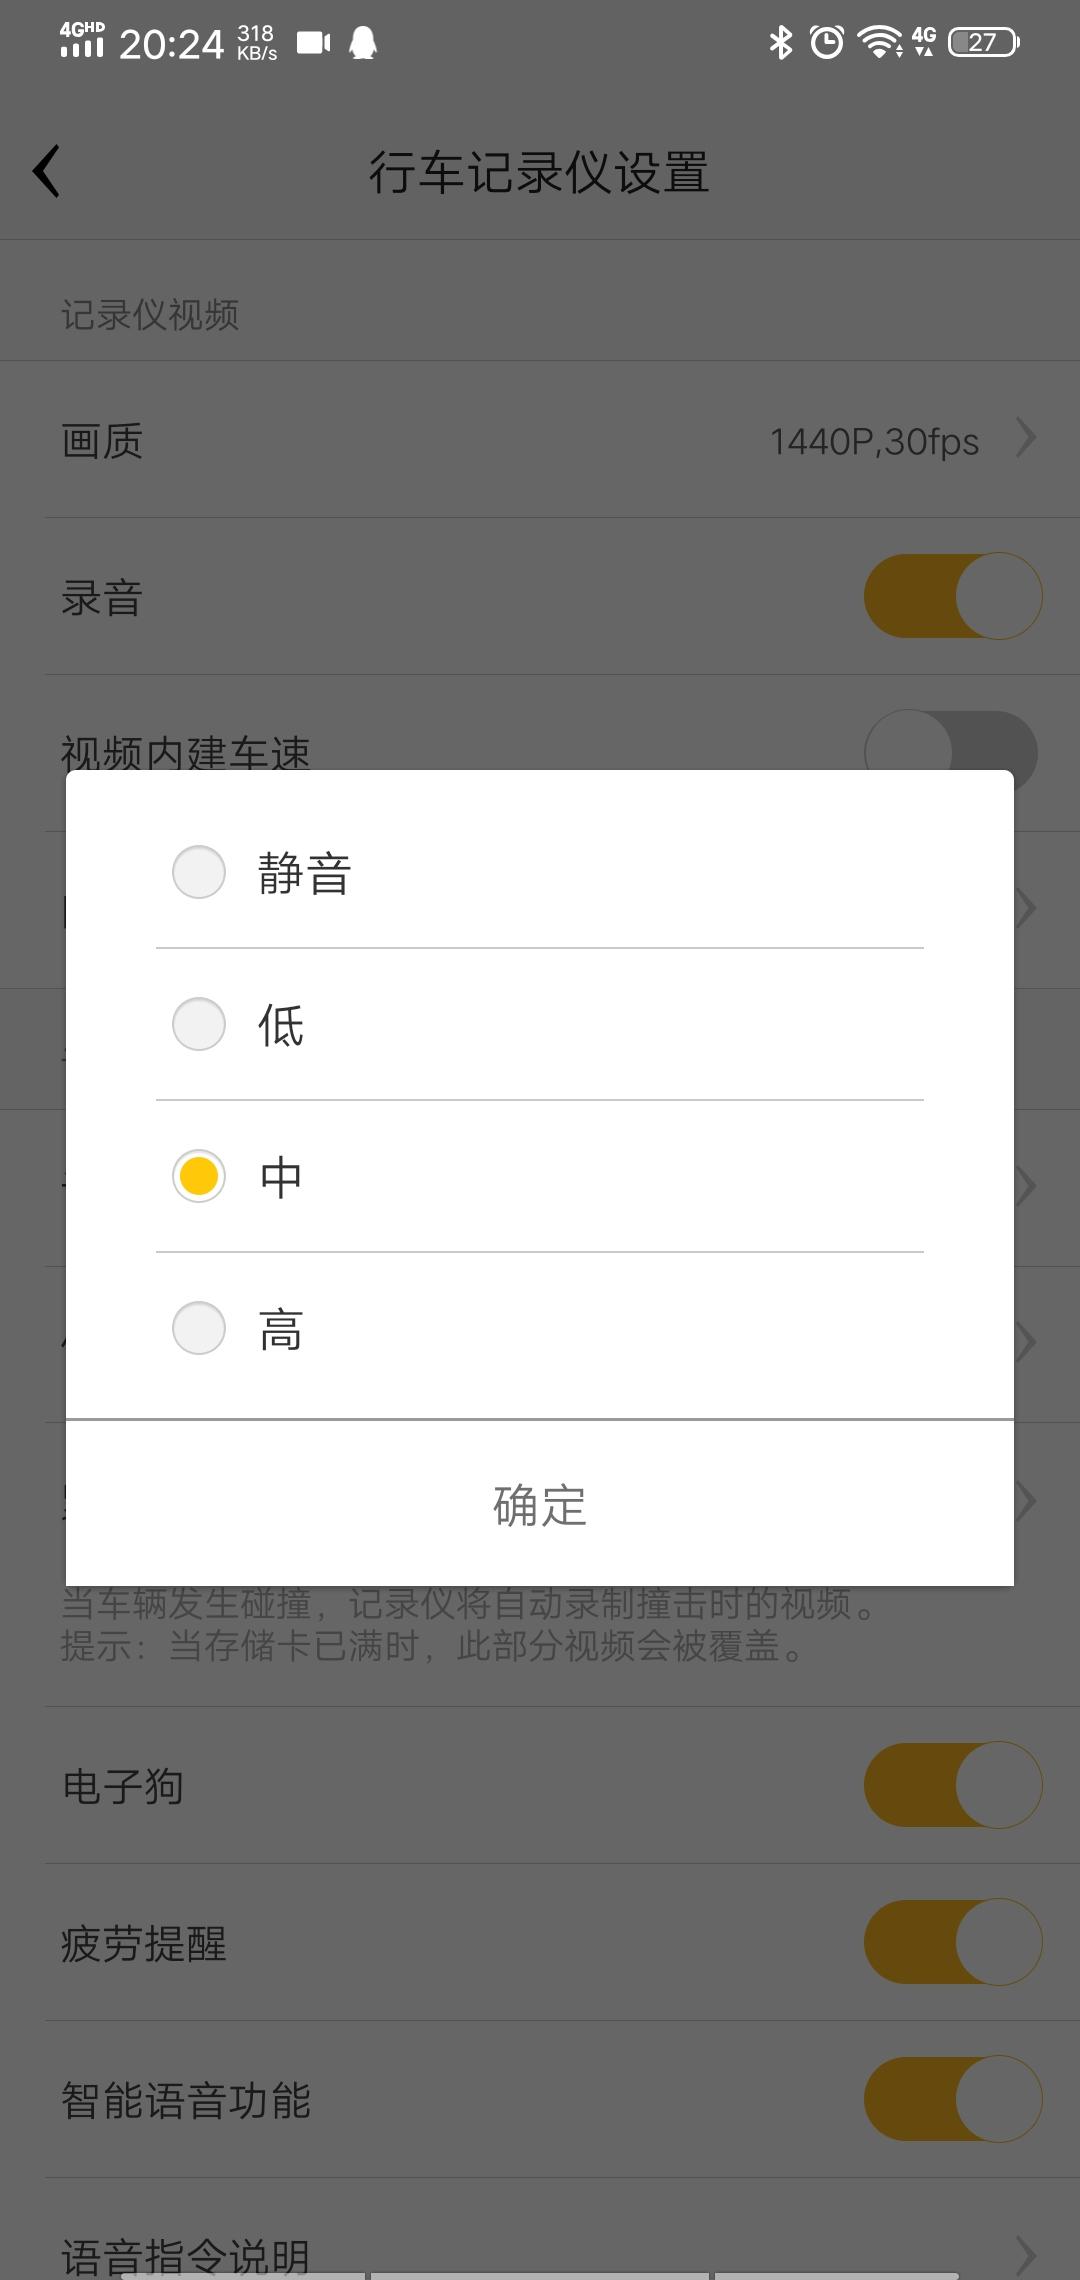 Screenshot_20191221_202439.jpg